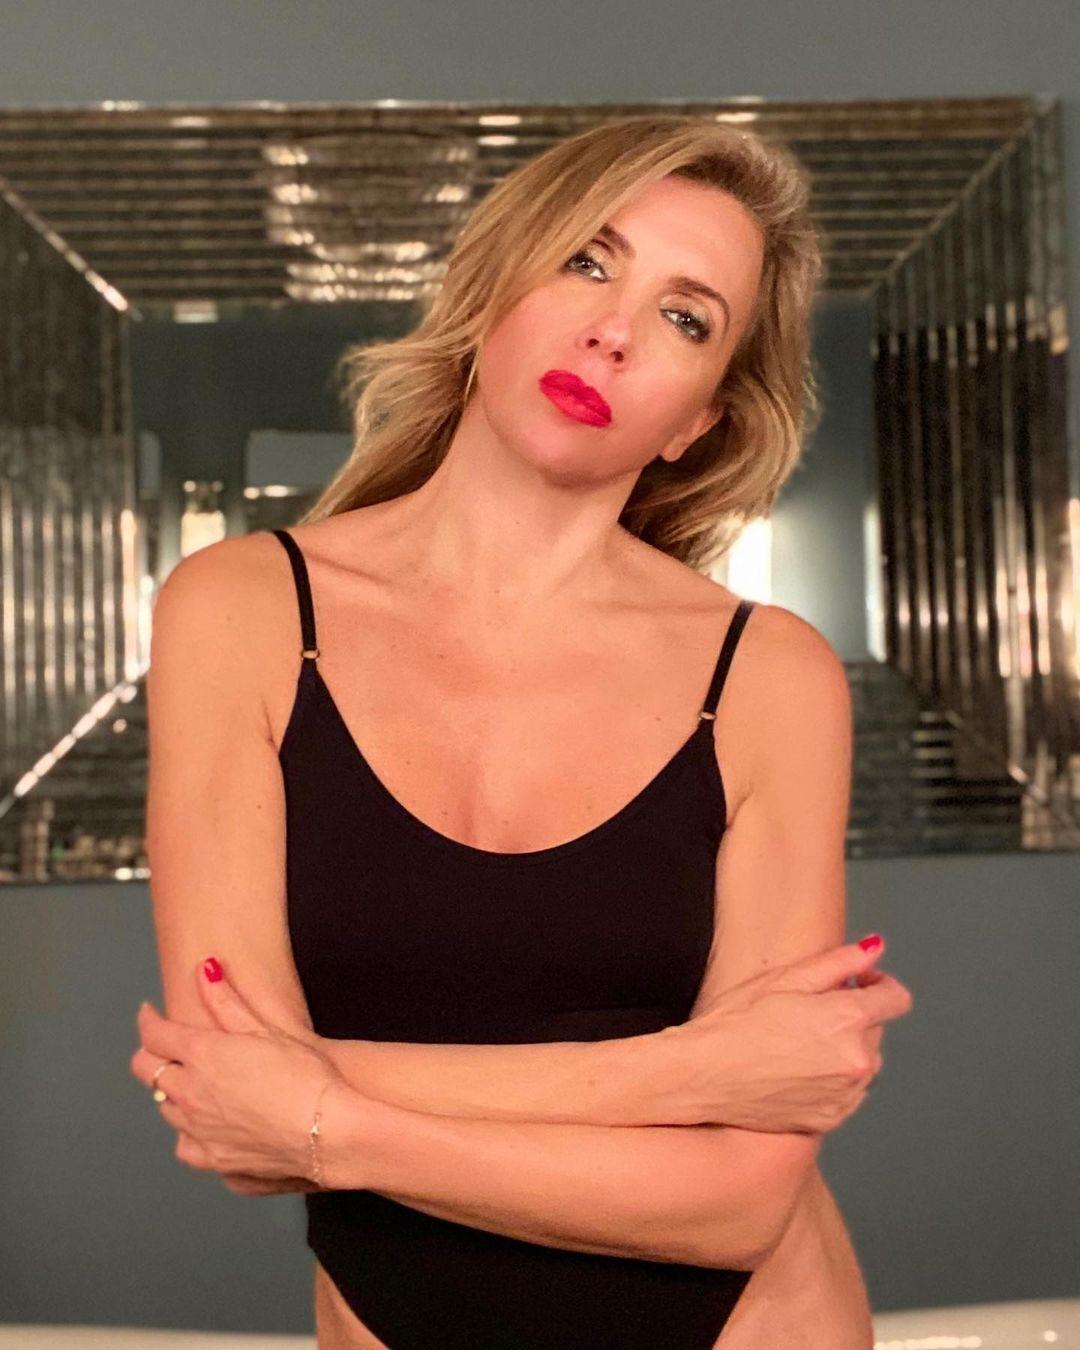 Светлана Бондарчук сексуально позирует на камеру